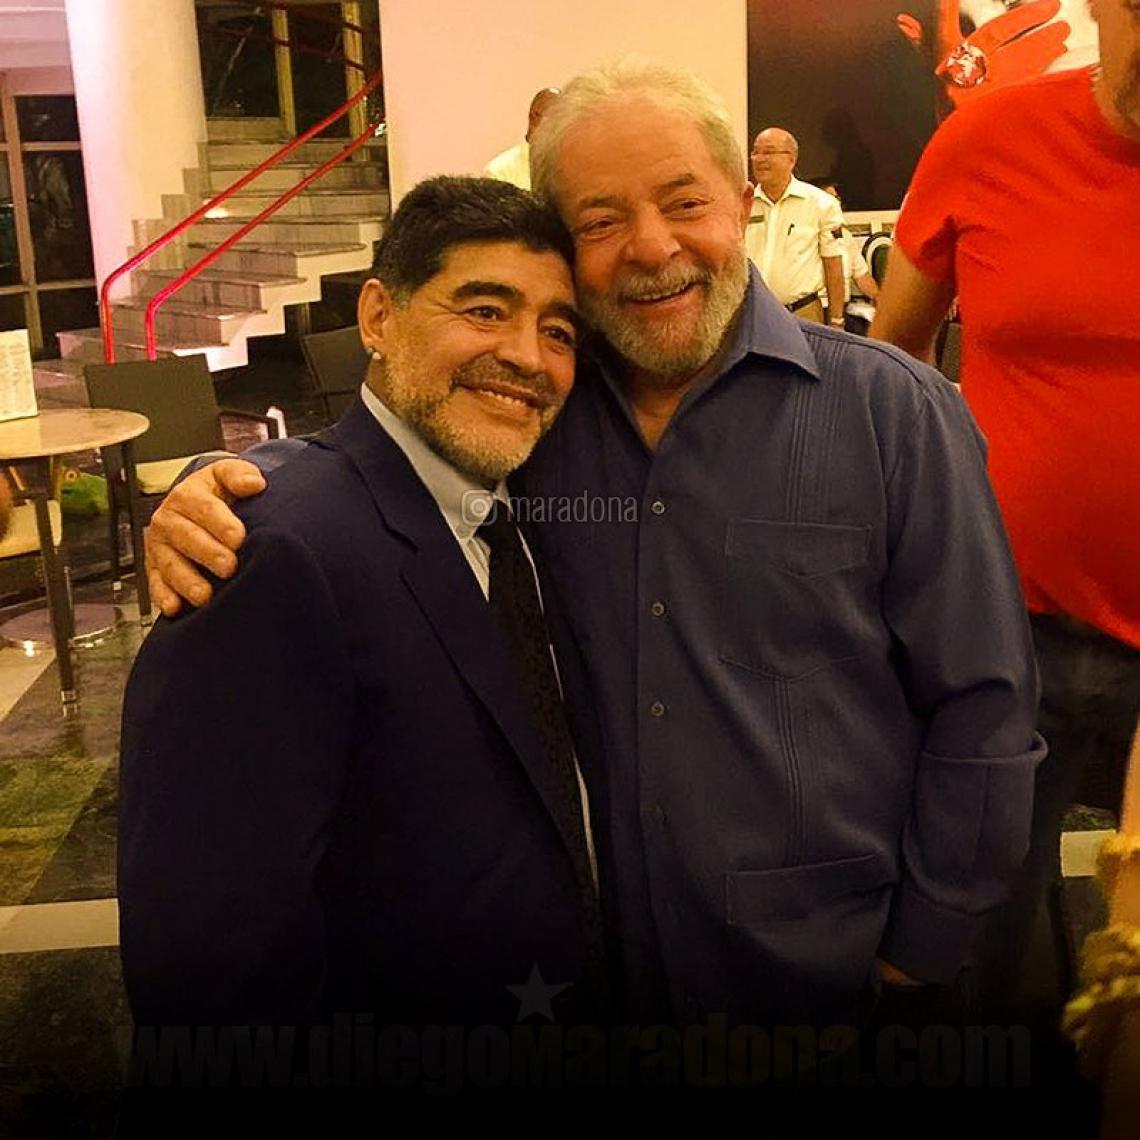 Diego Maradona é declaradamente fã do ex-presidente Lula